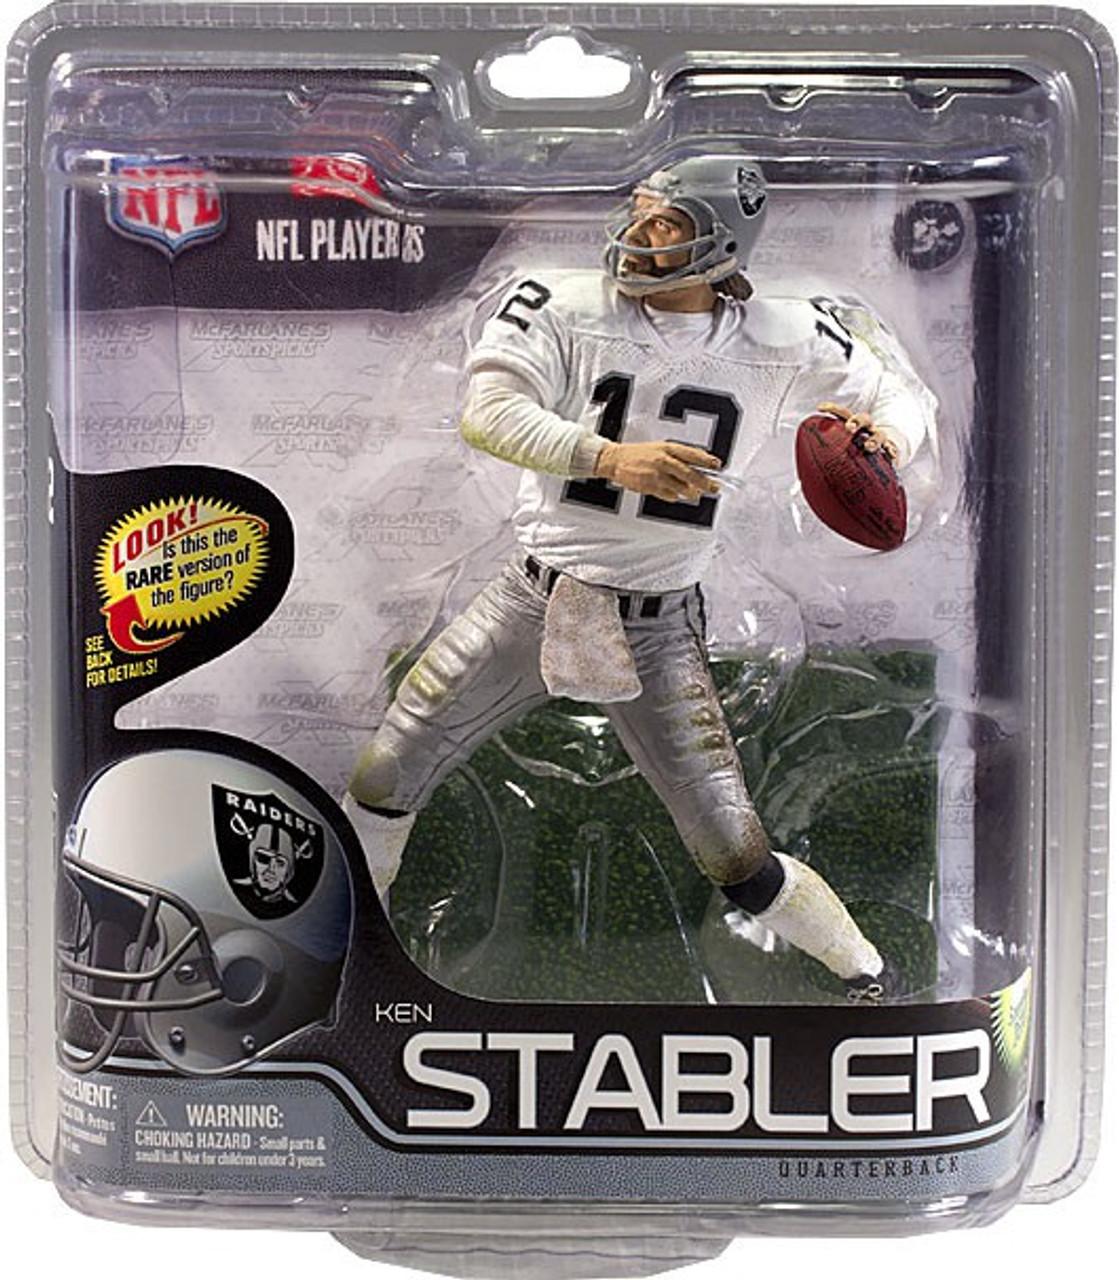 Ken Stabler McFarlane Series 29 new in package Oakland Raiders